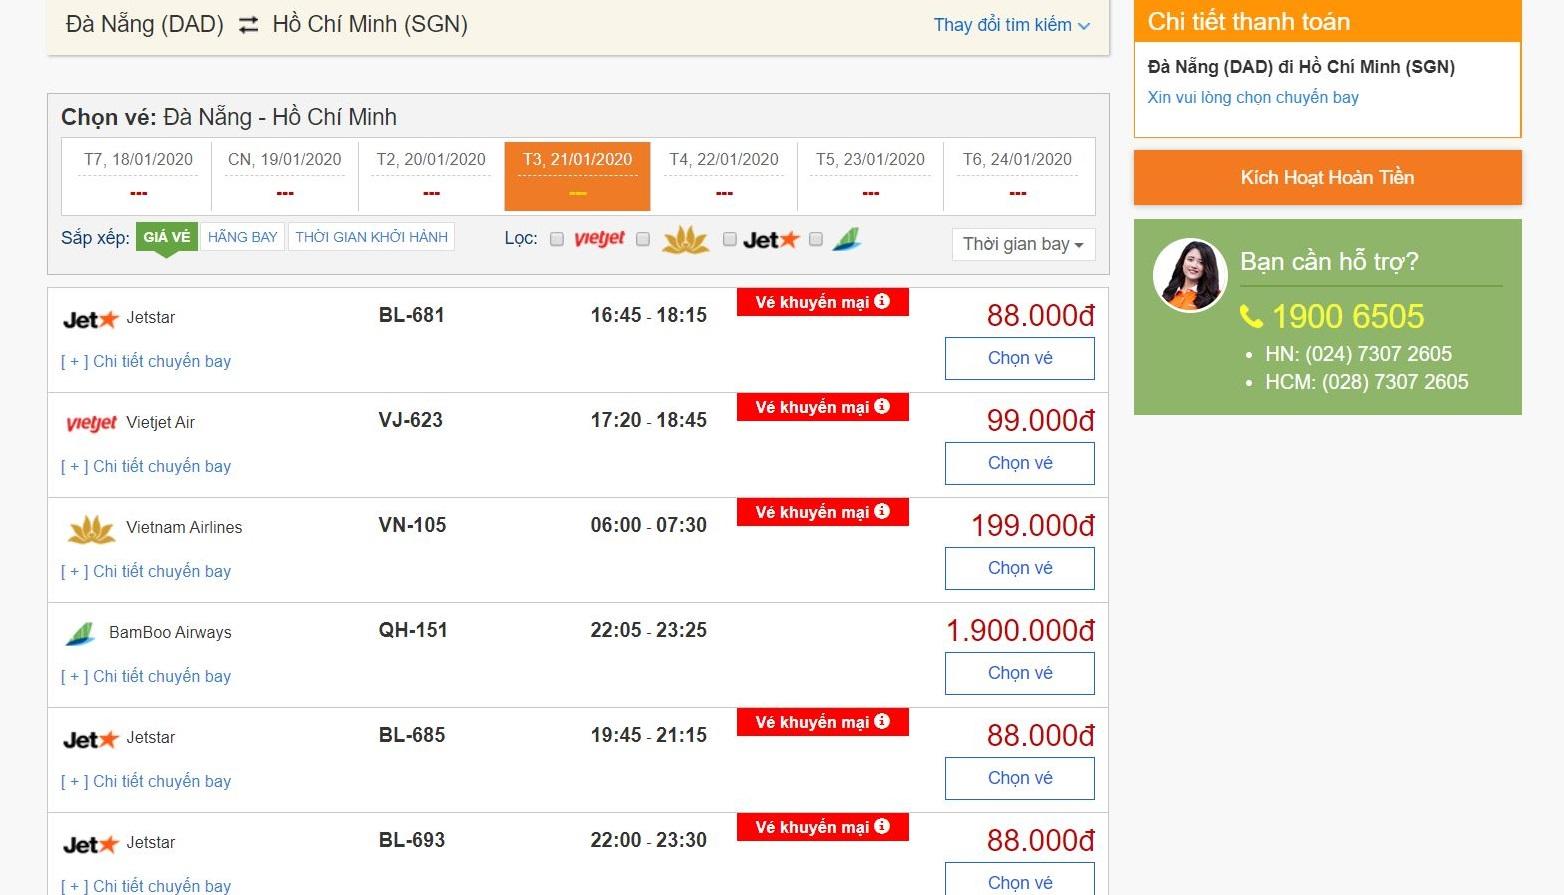 Đặt vé máy bay Tết giá rẻ tại bestprice.vn